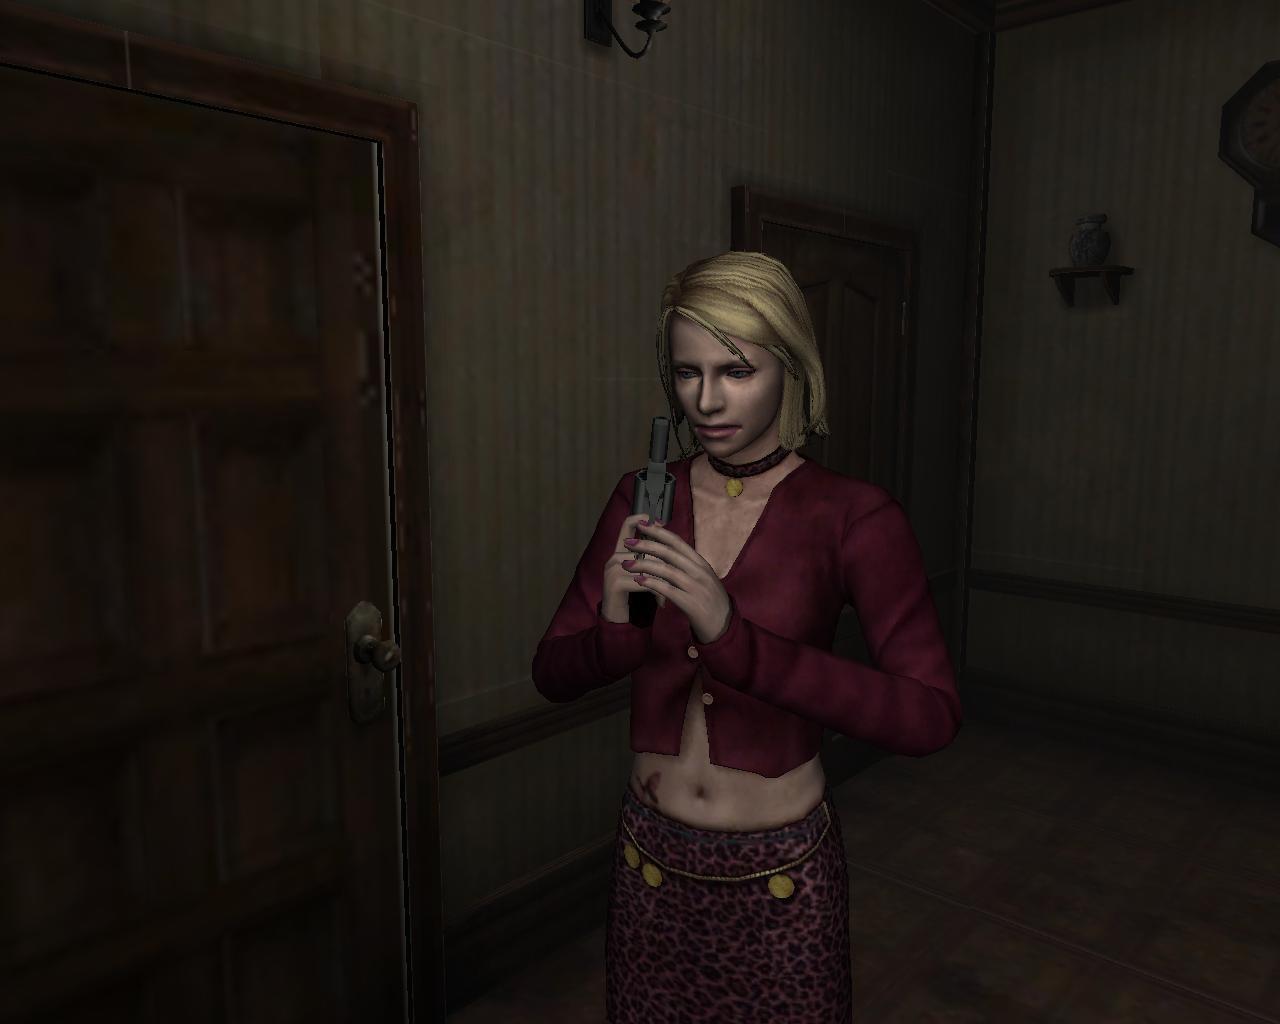 Silent Hill 2 - Silent Hill 2